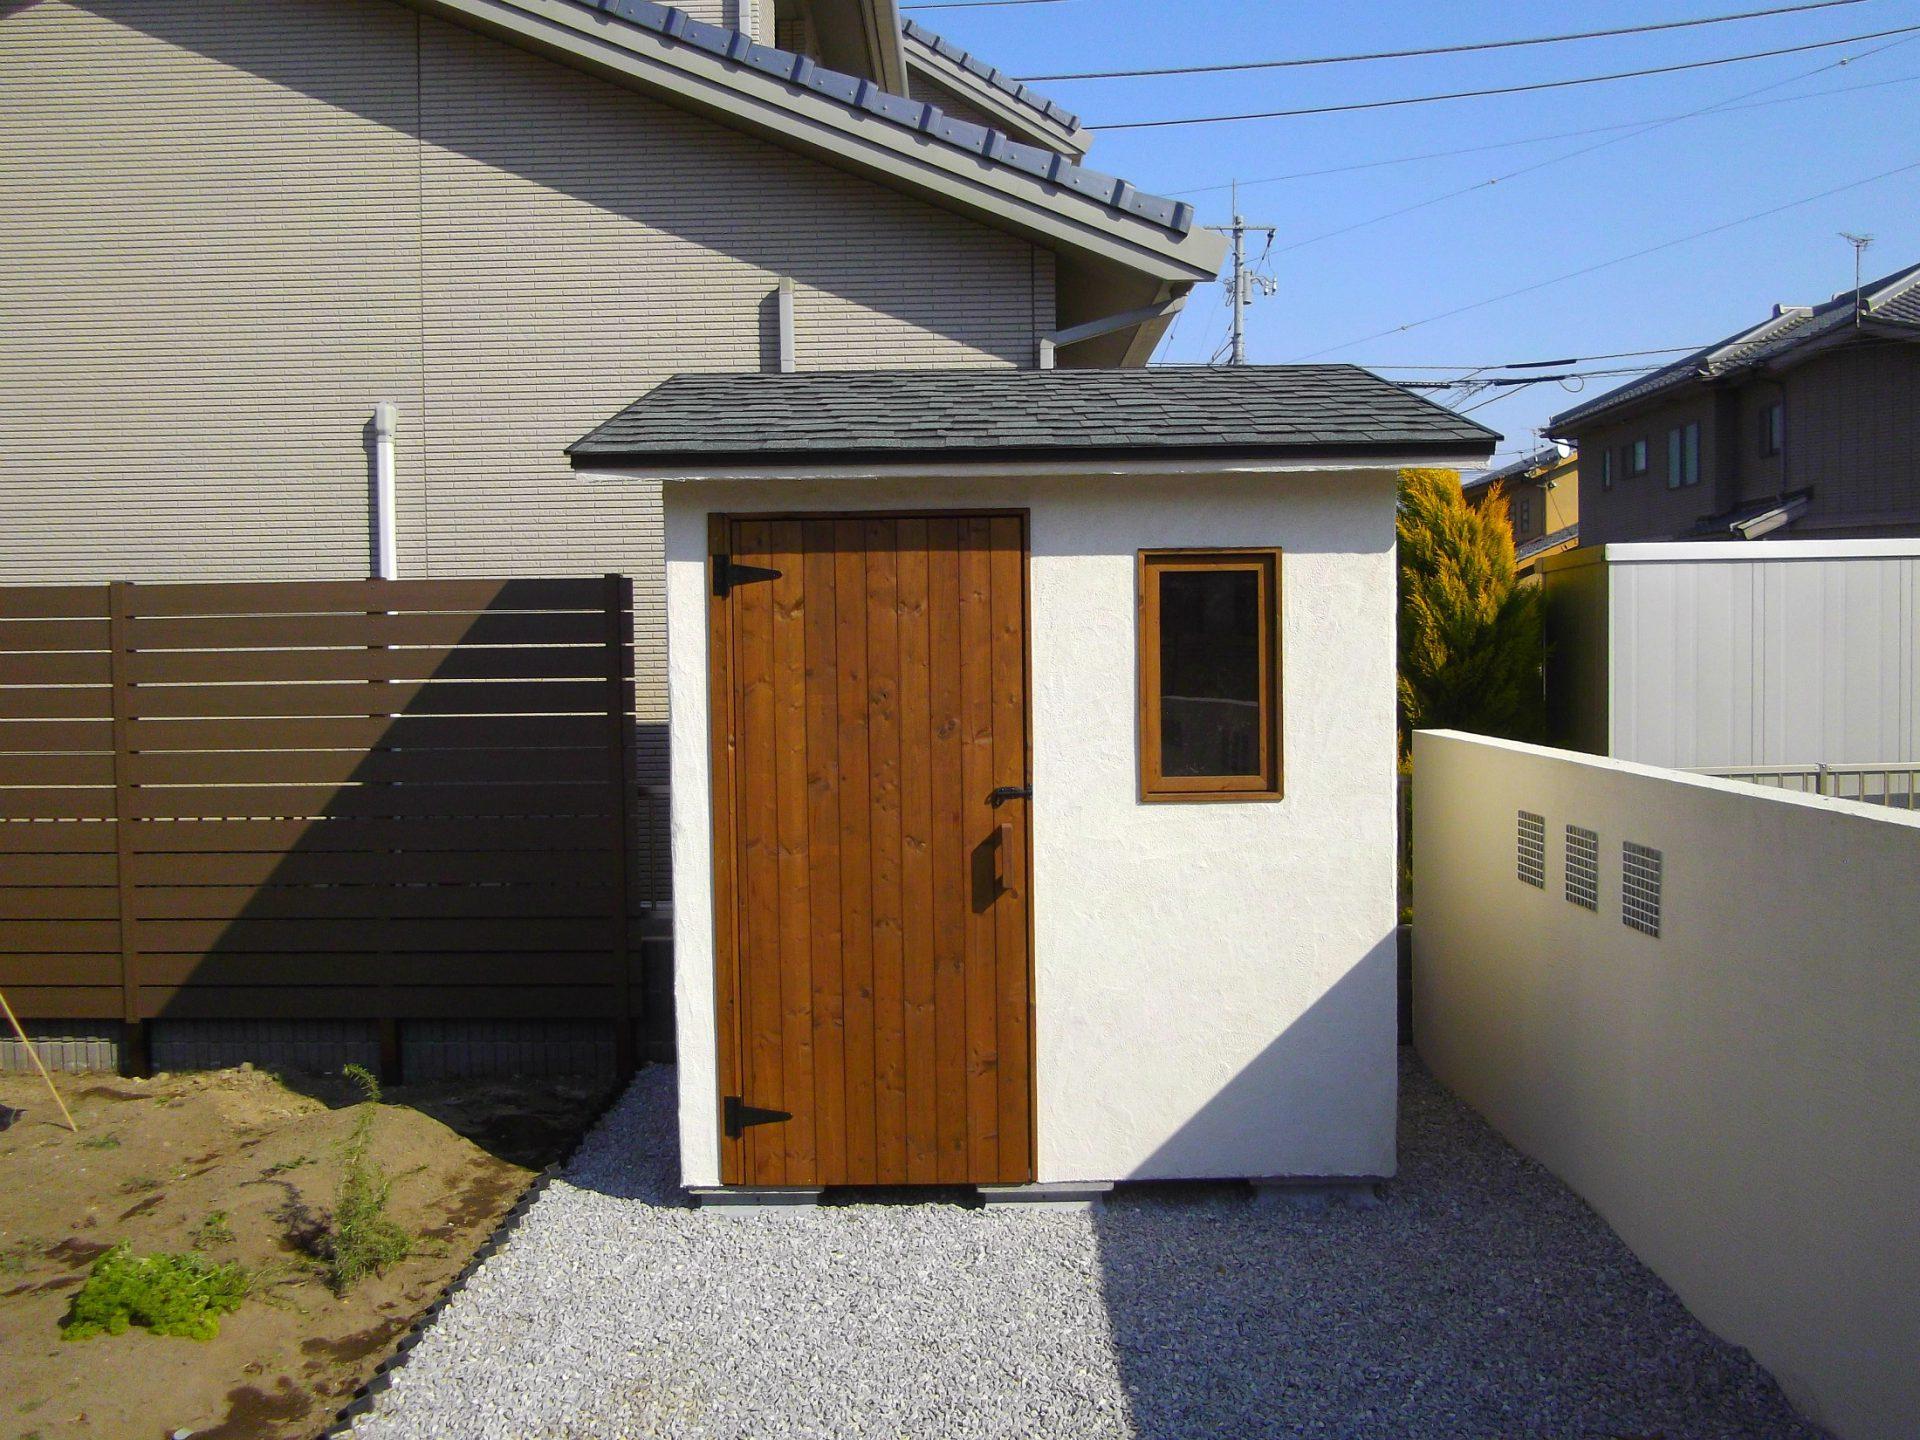 木製の扉と白いジョリパット仕上げの物置